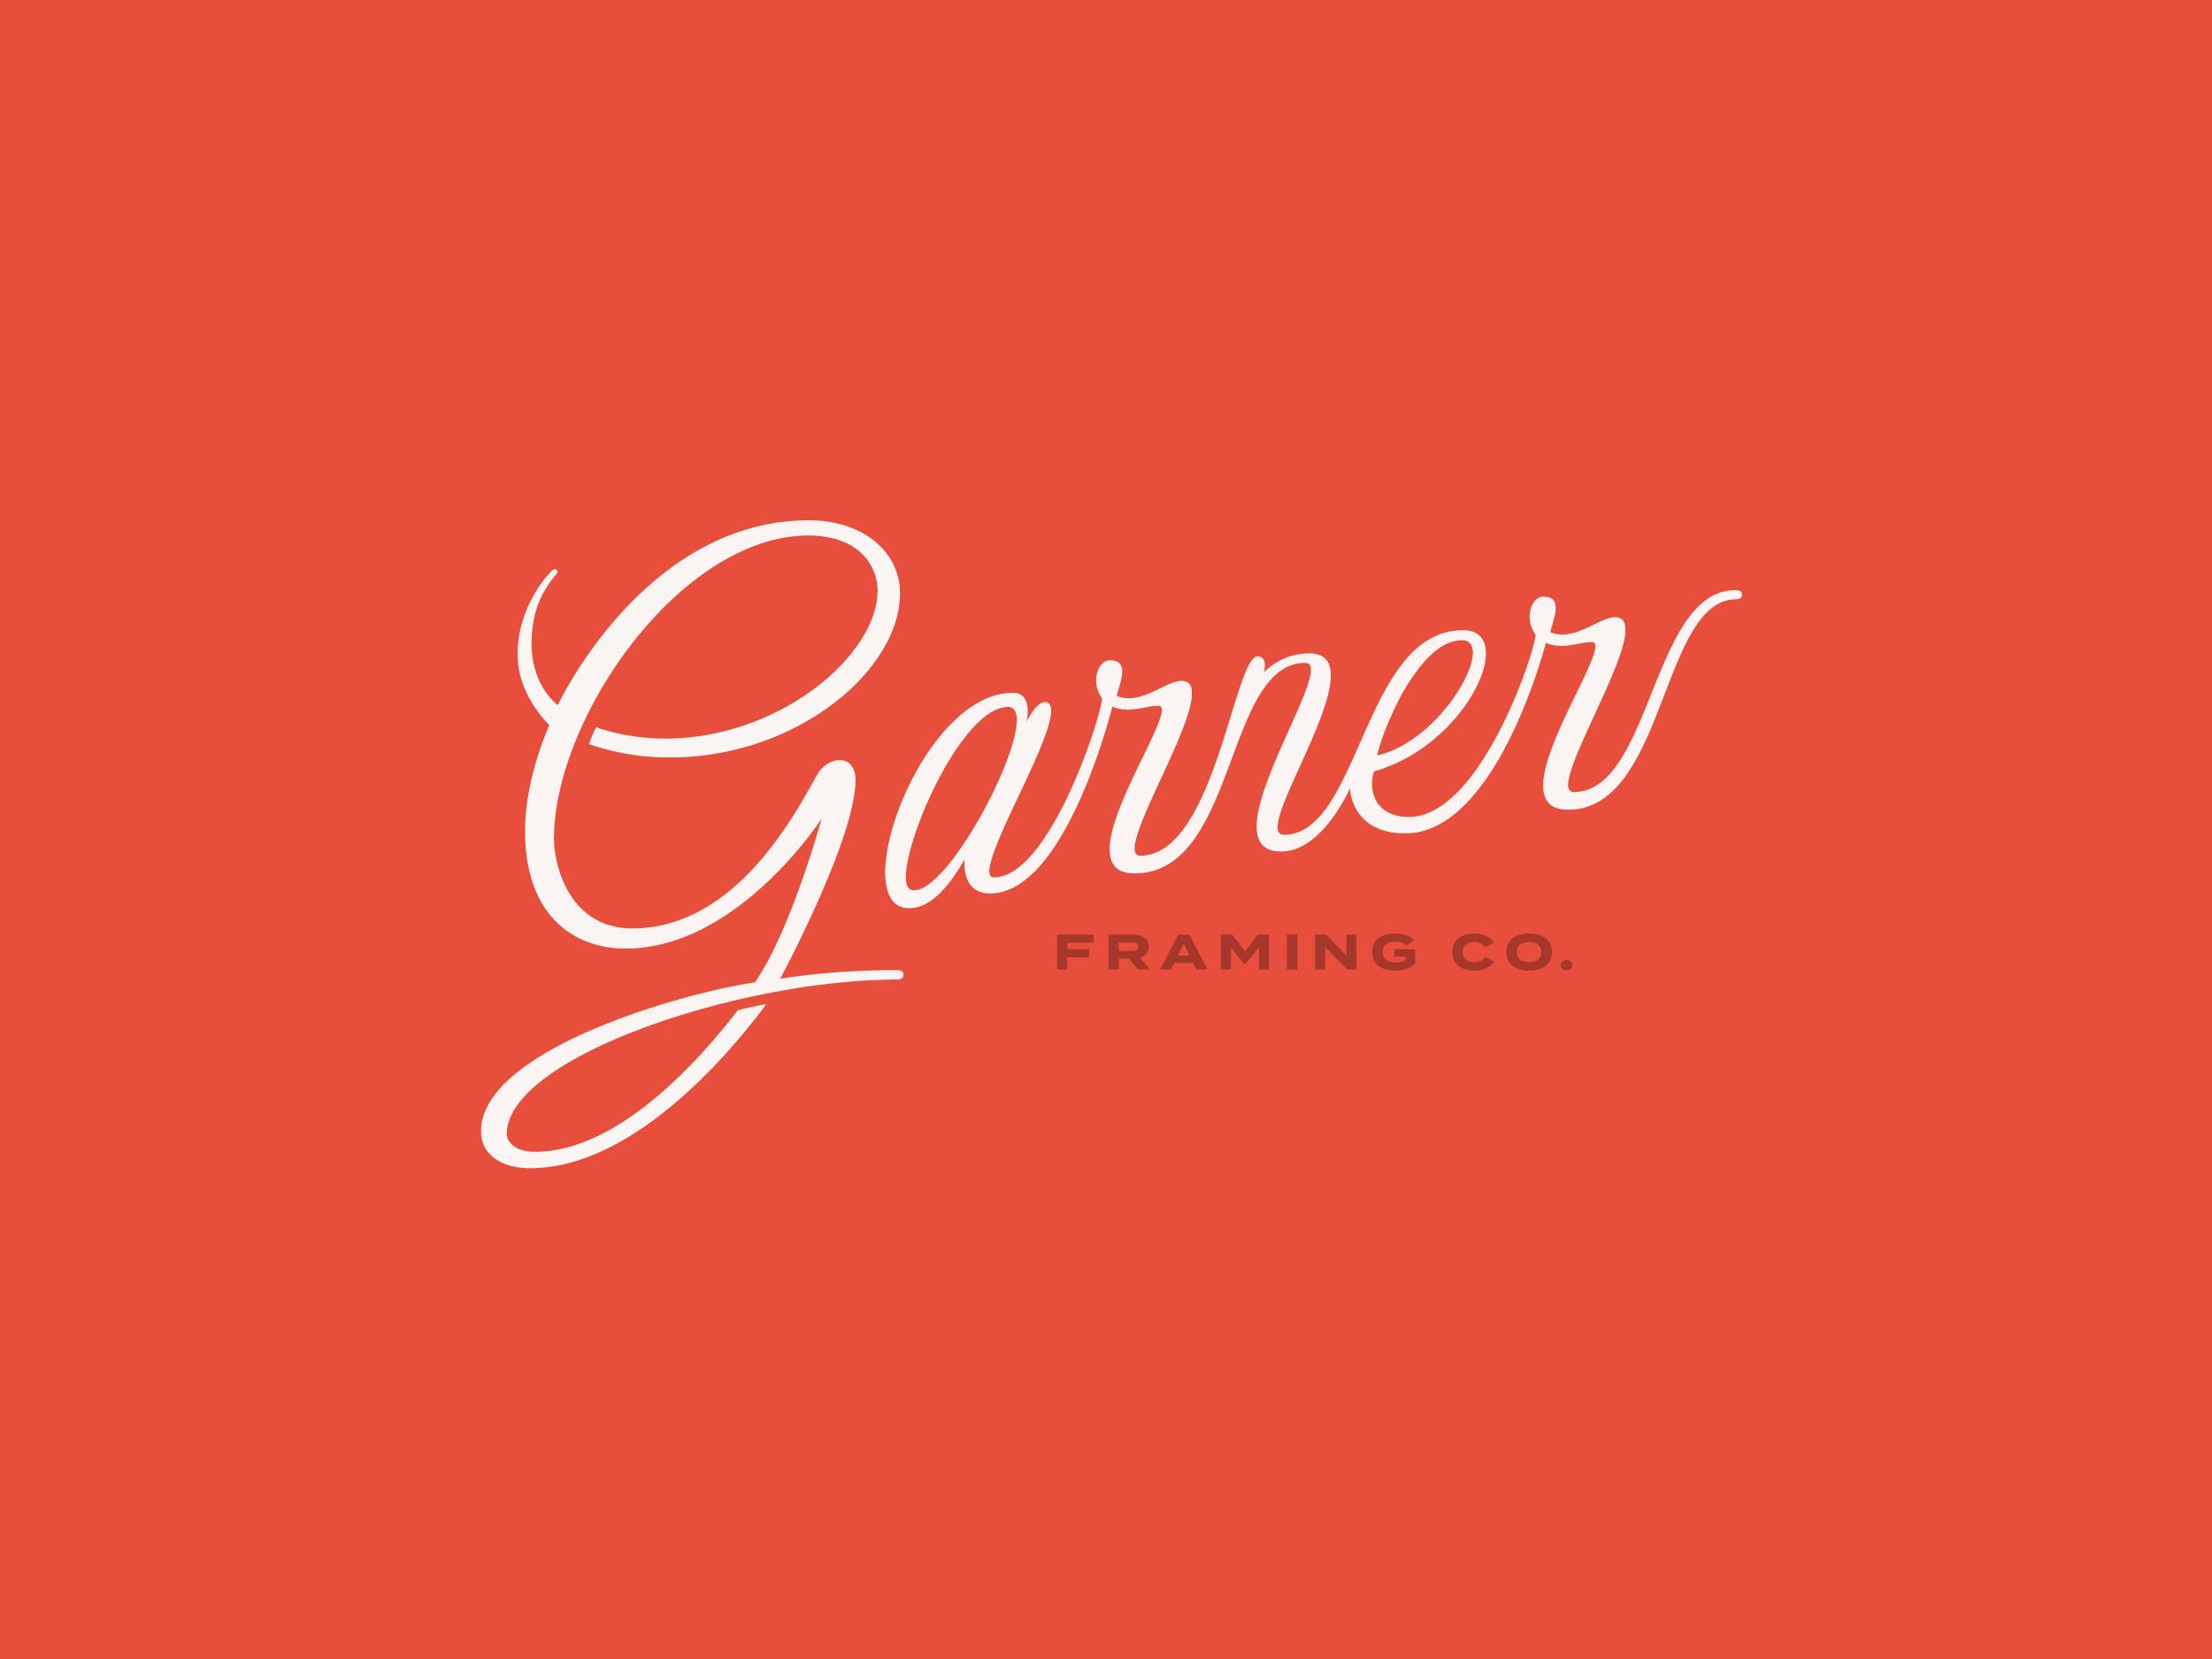 Garner.png